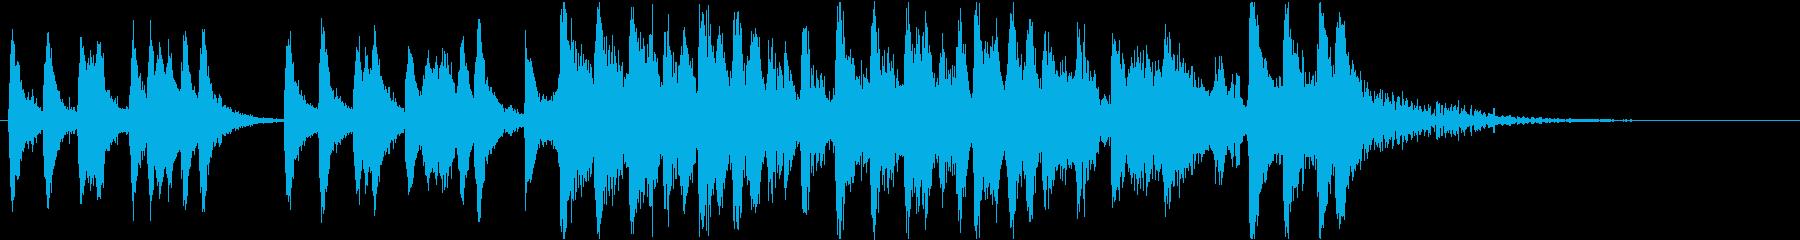 イントロ、弦、ストリングス、気品、知的の再生済みの波形